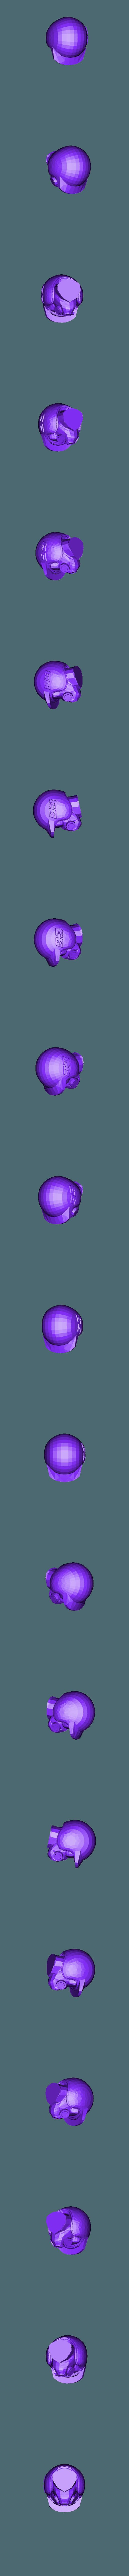 pilote tete.stl Télécharger fichier STL Pilote 1/10  • Objet imprimable en 3D, RCGANG93